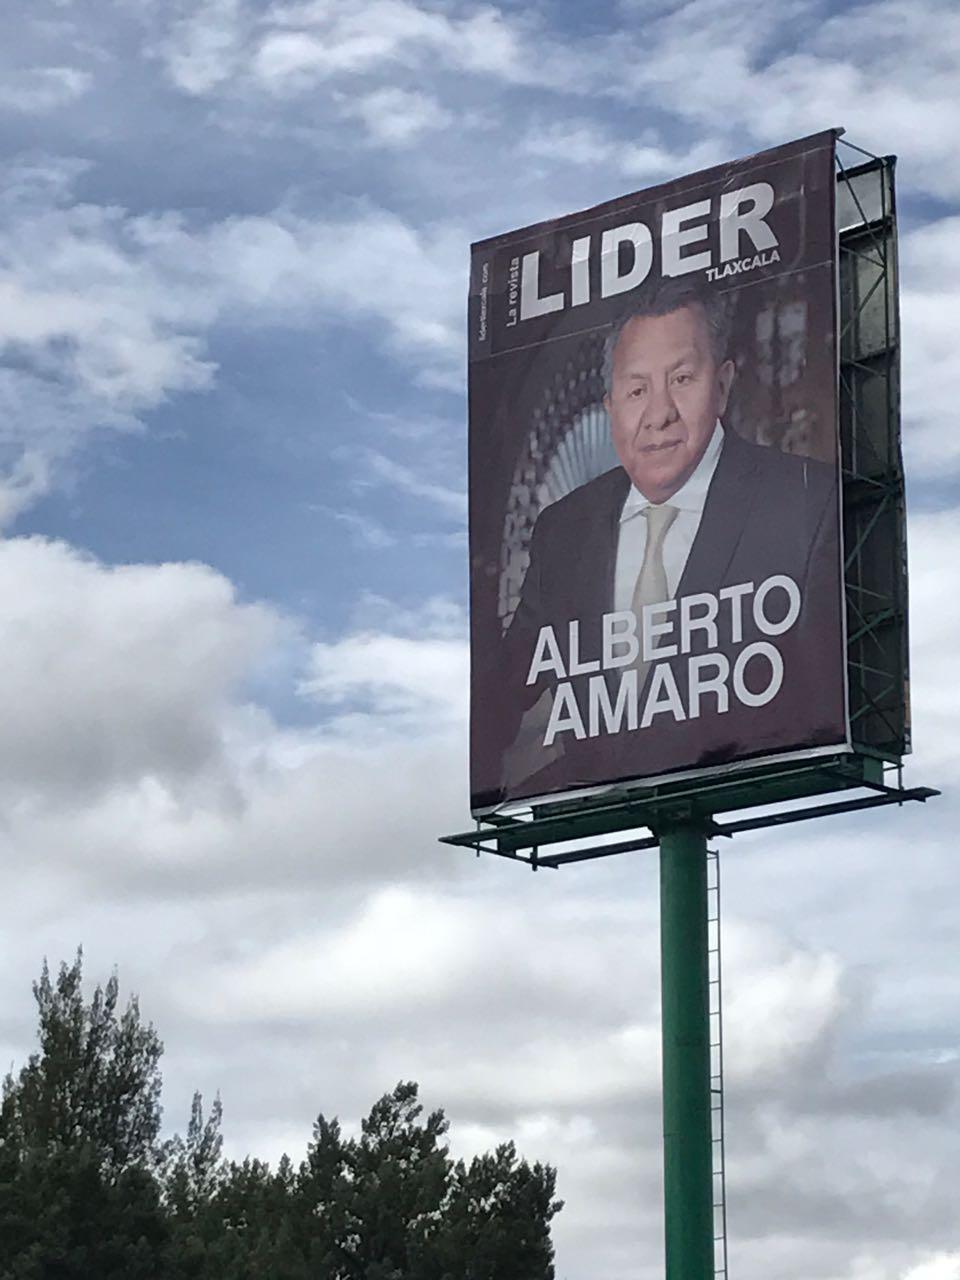 Con trampas inicia Alberto Amaro su aventura por la senaduría